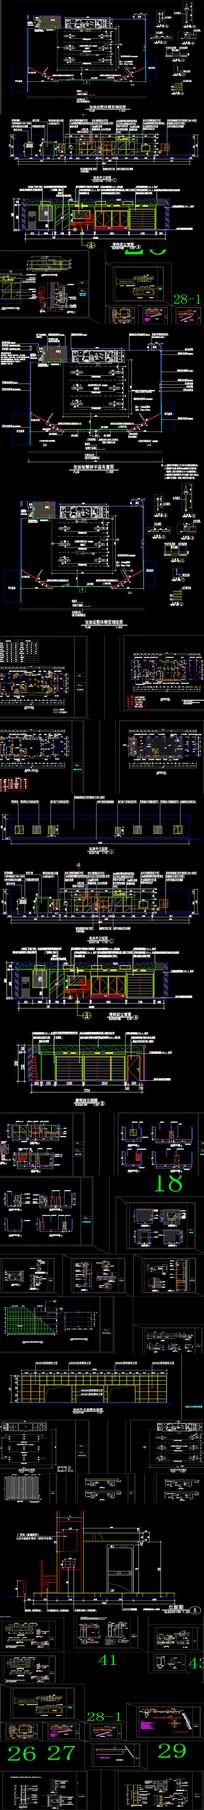 全套加油站改造装饰消防CAD施工图